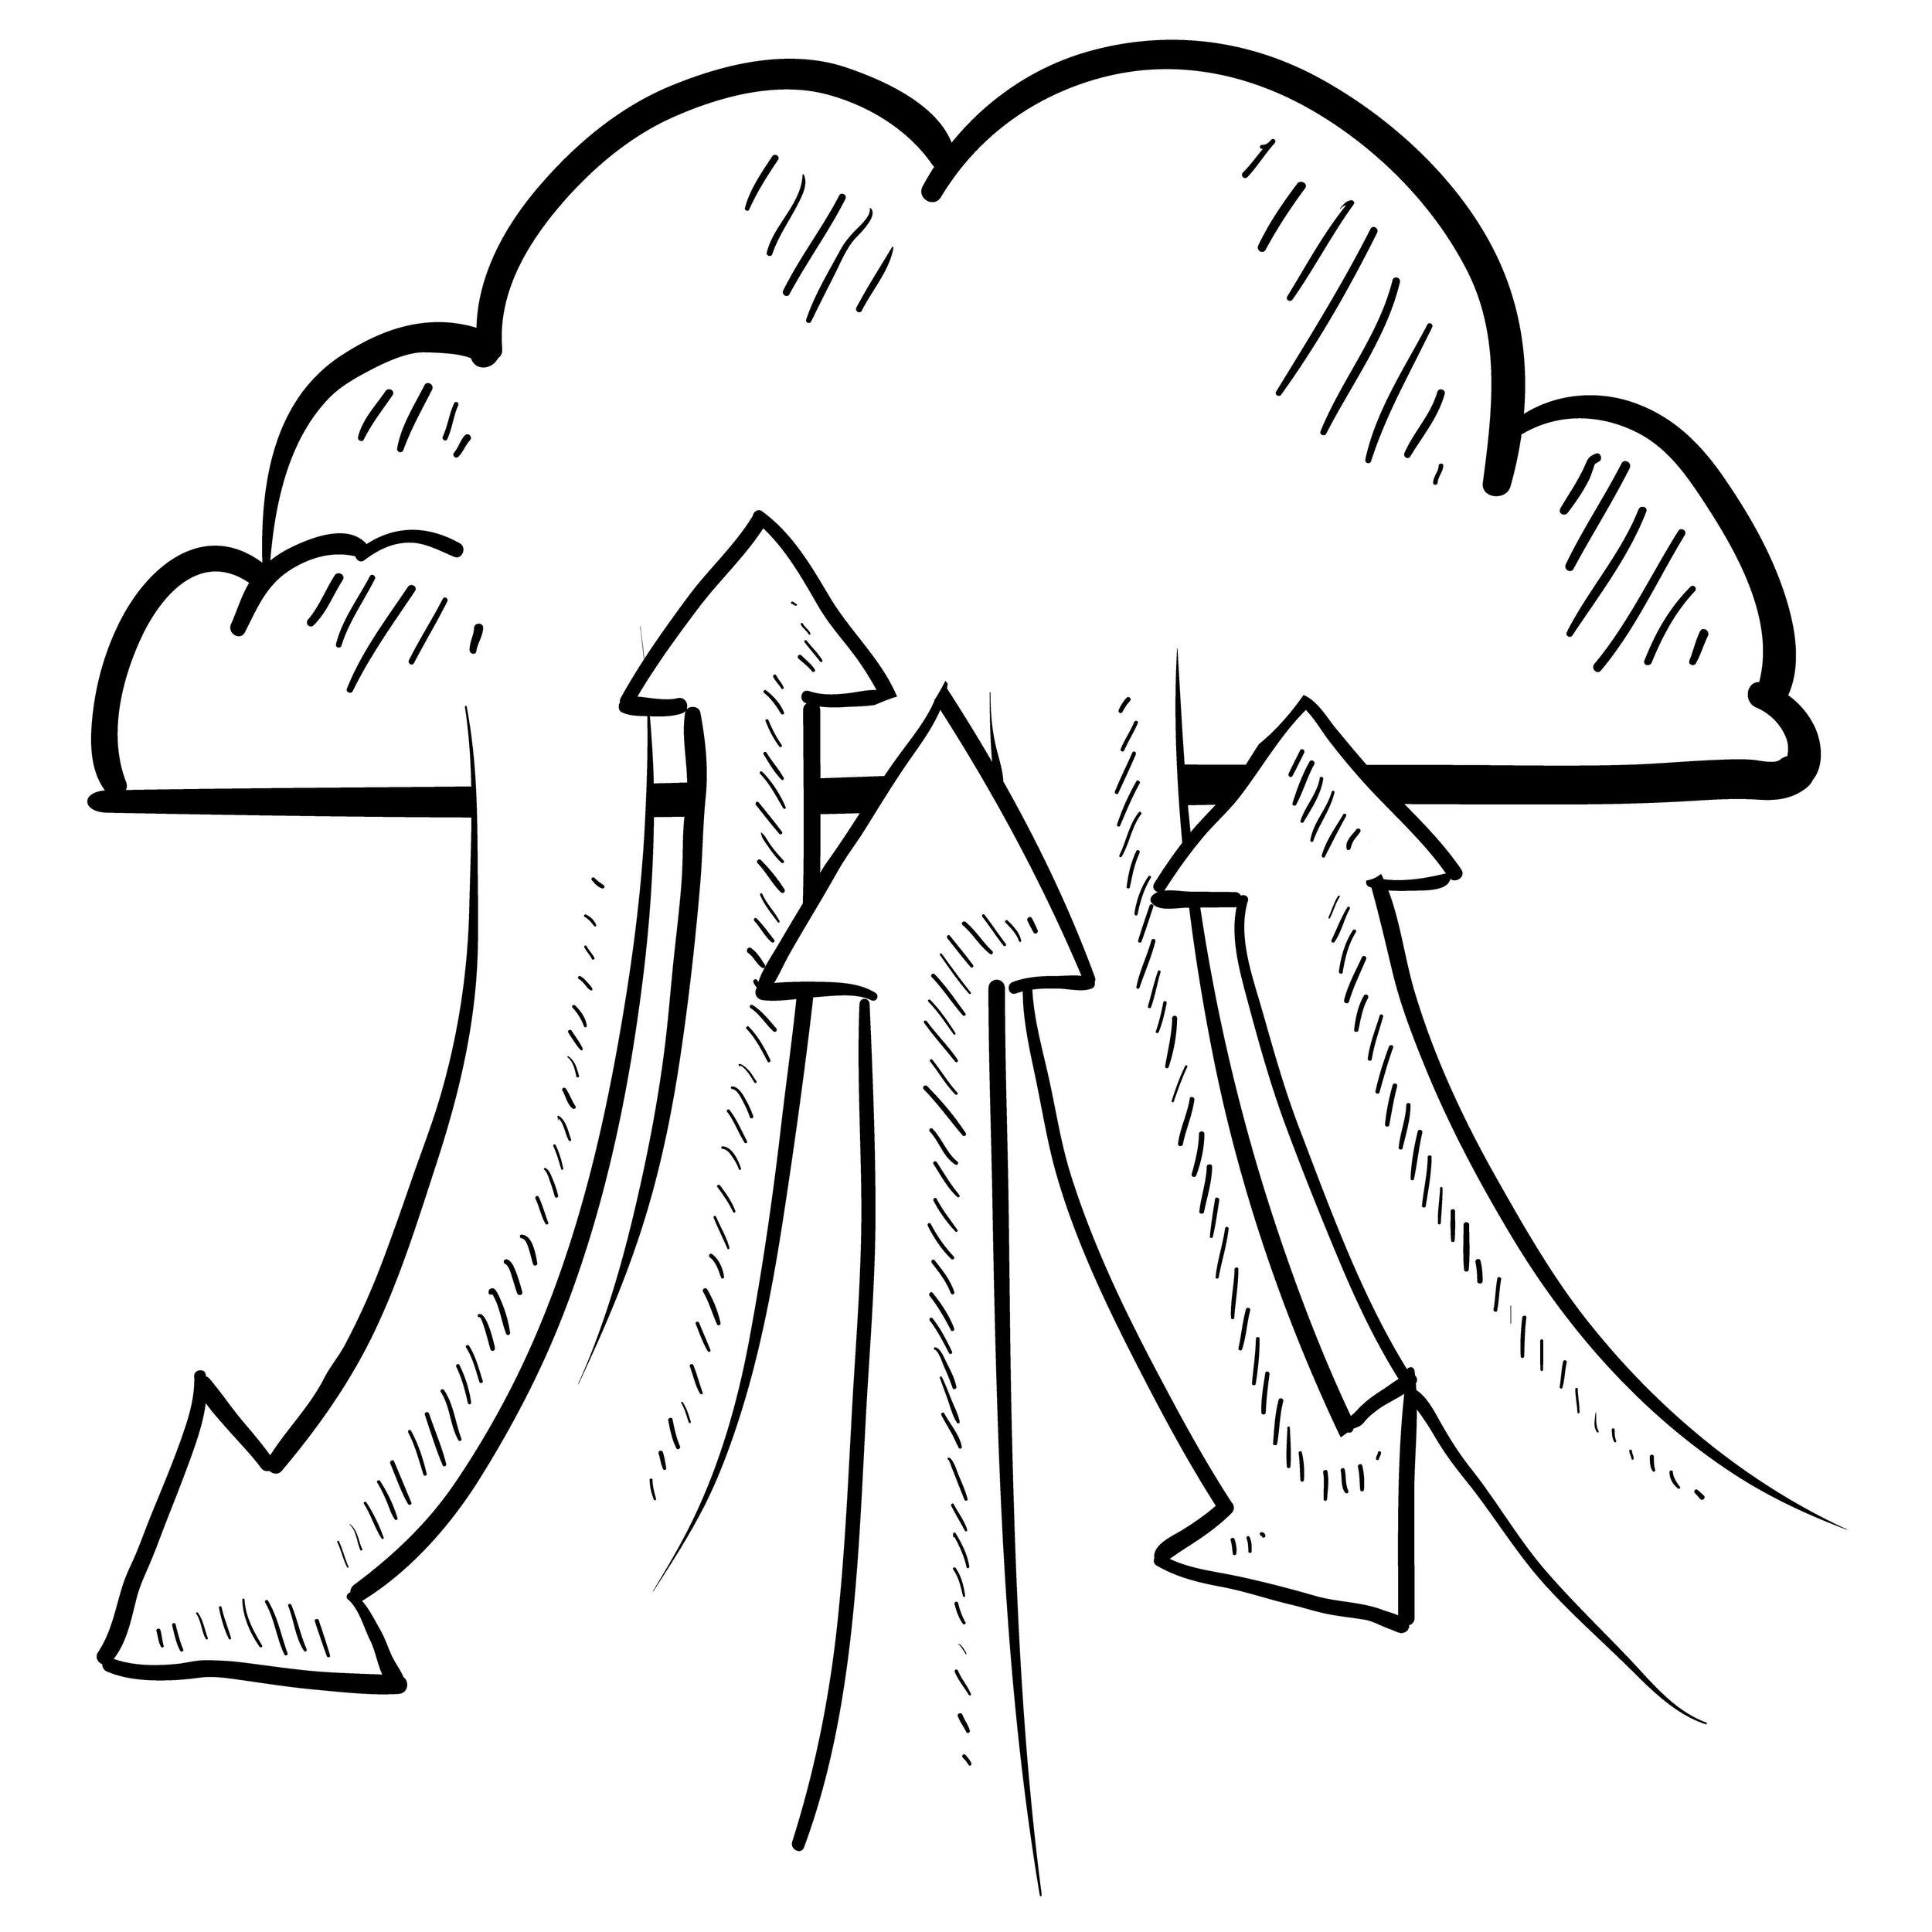 doodle_the_cloud_upload_download.jpg